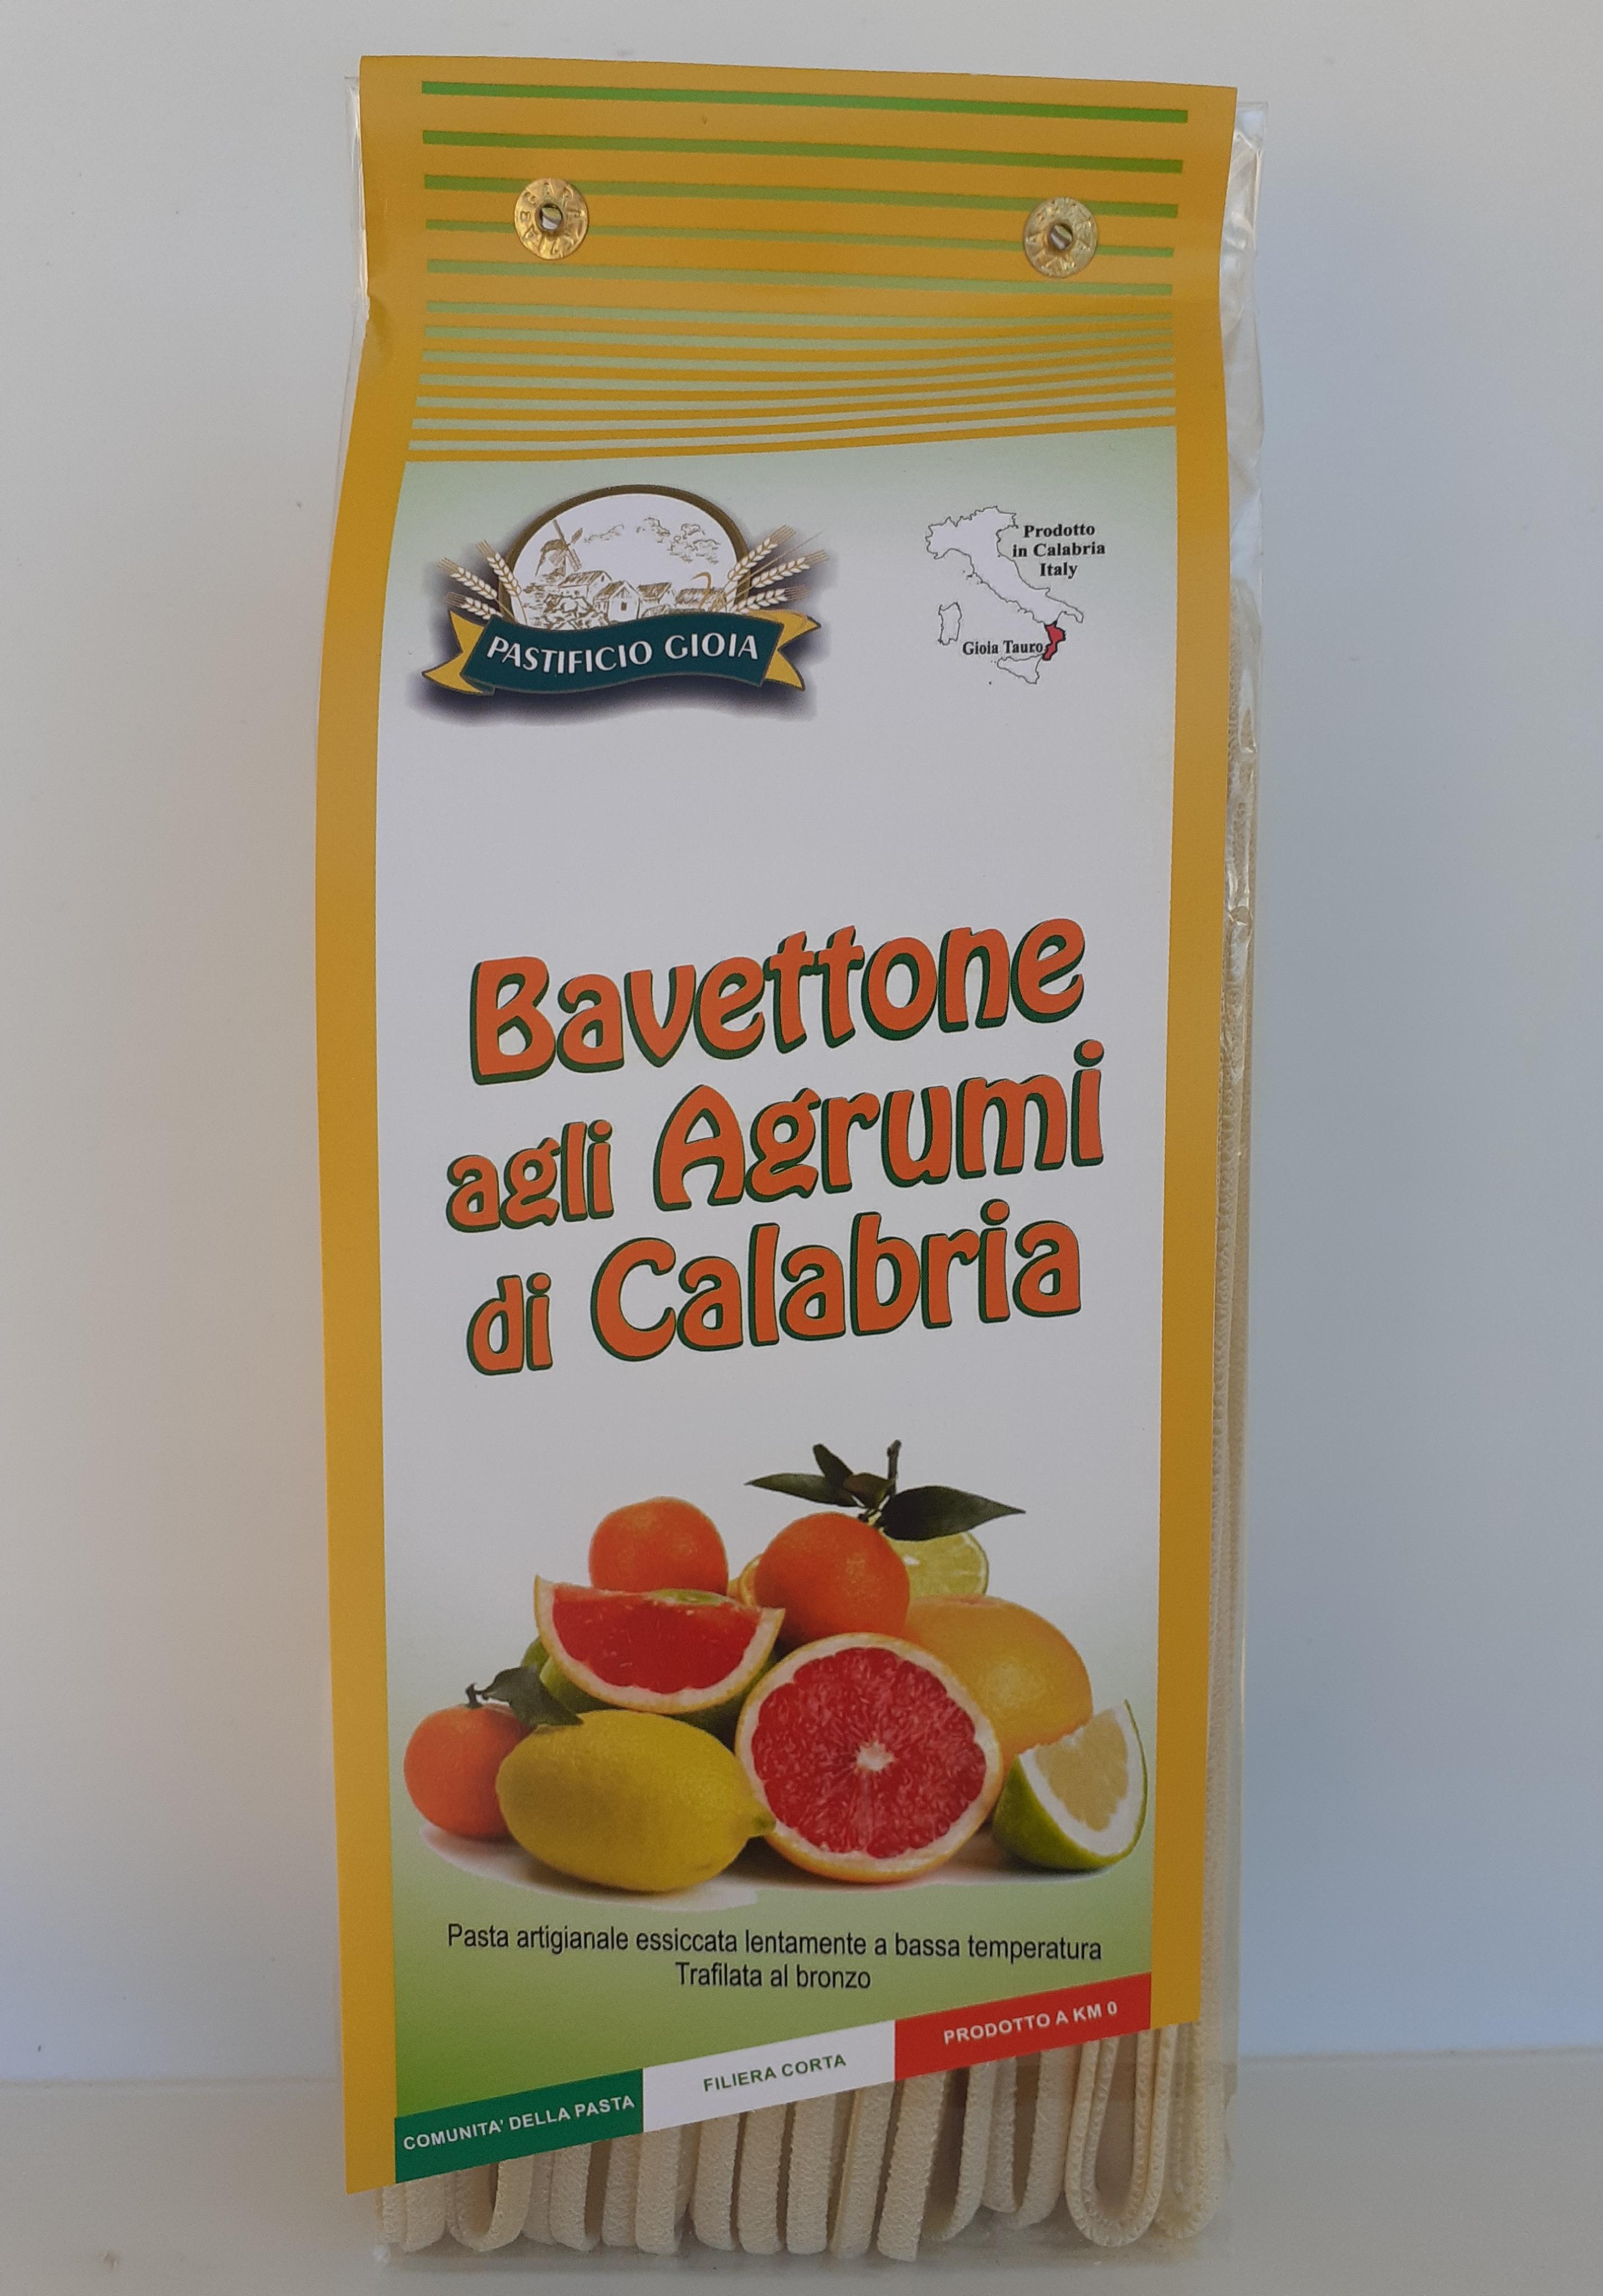 Bavettone agli Agrumi di Calabria 500g. Pasta Artigianale essiccata lentamente a bassa temperatura Trafilata al Bronzo del Pastificio Gioia Gioia Tauro (RC)